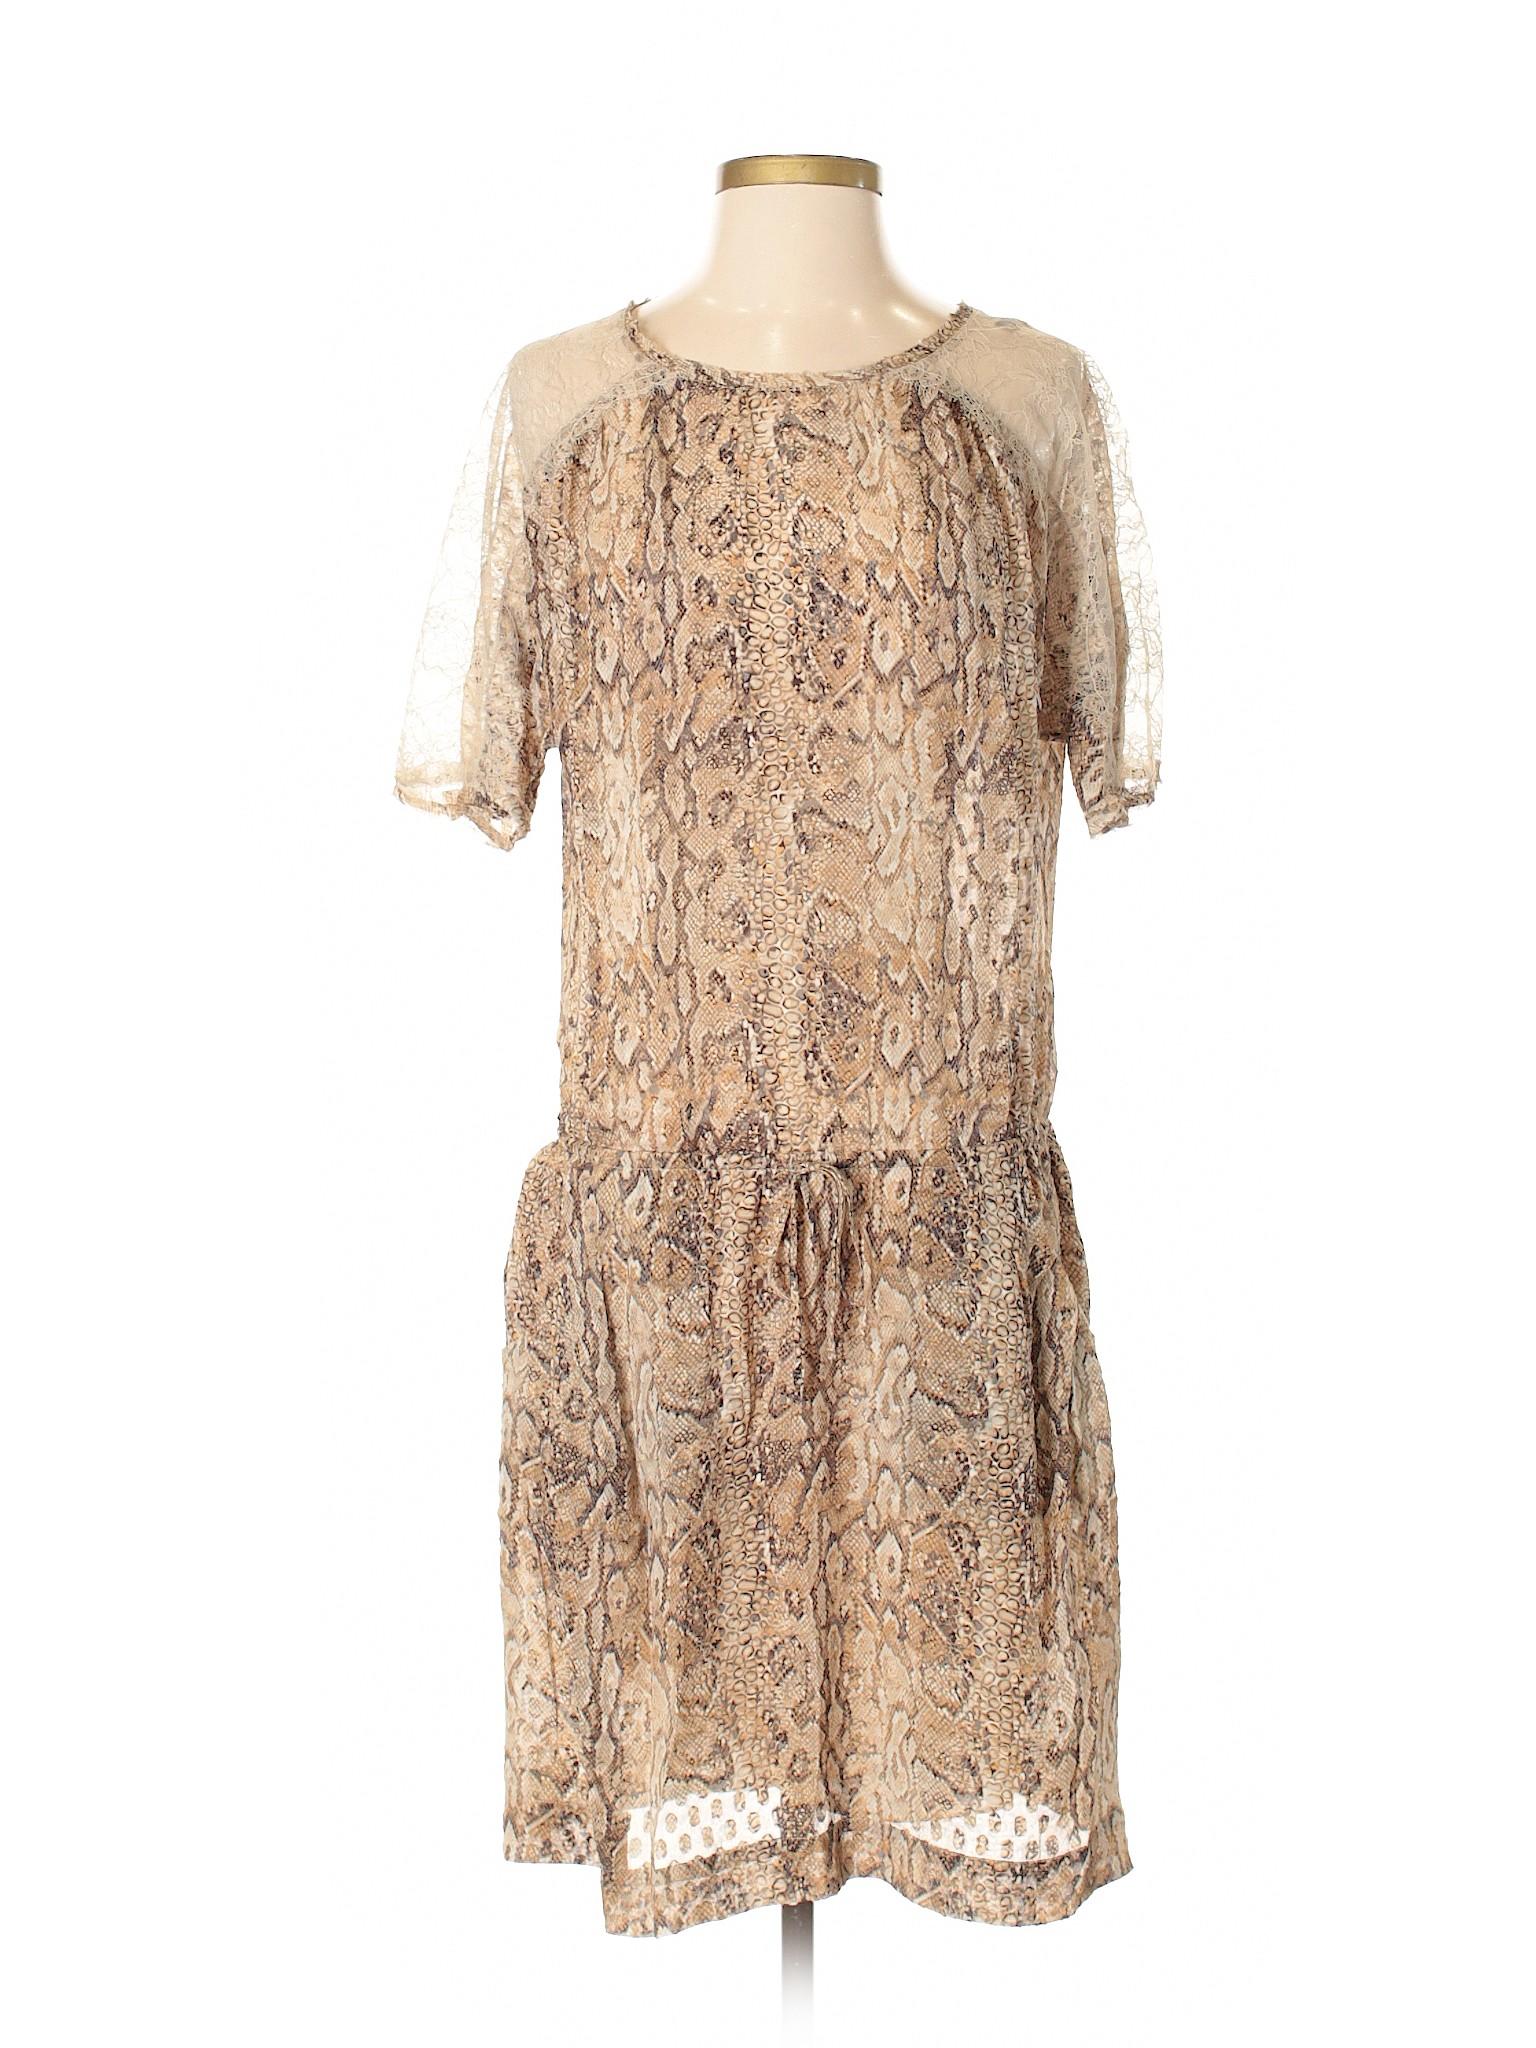 Boutique Boutique BCBGMAXAZRIA winter winter Casual BCBGMAXAZRIA Dress Dress Boutique Casual winter qfUwxYO